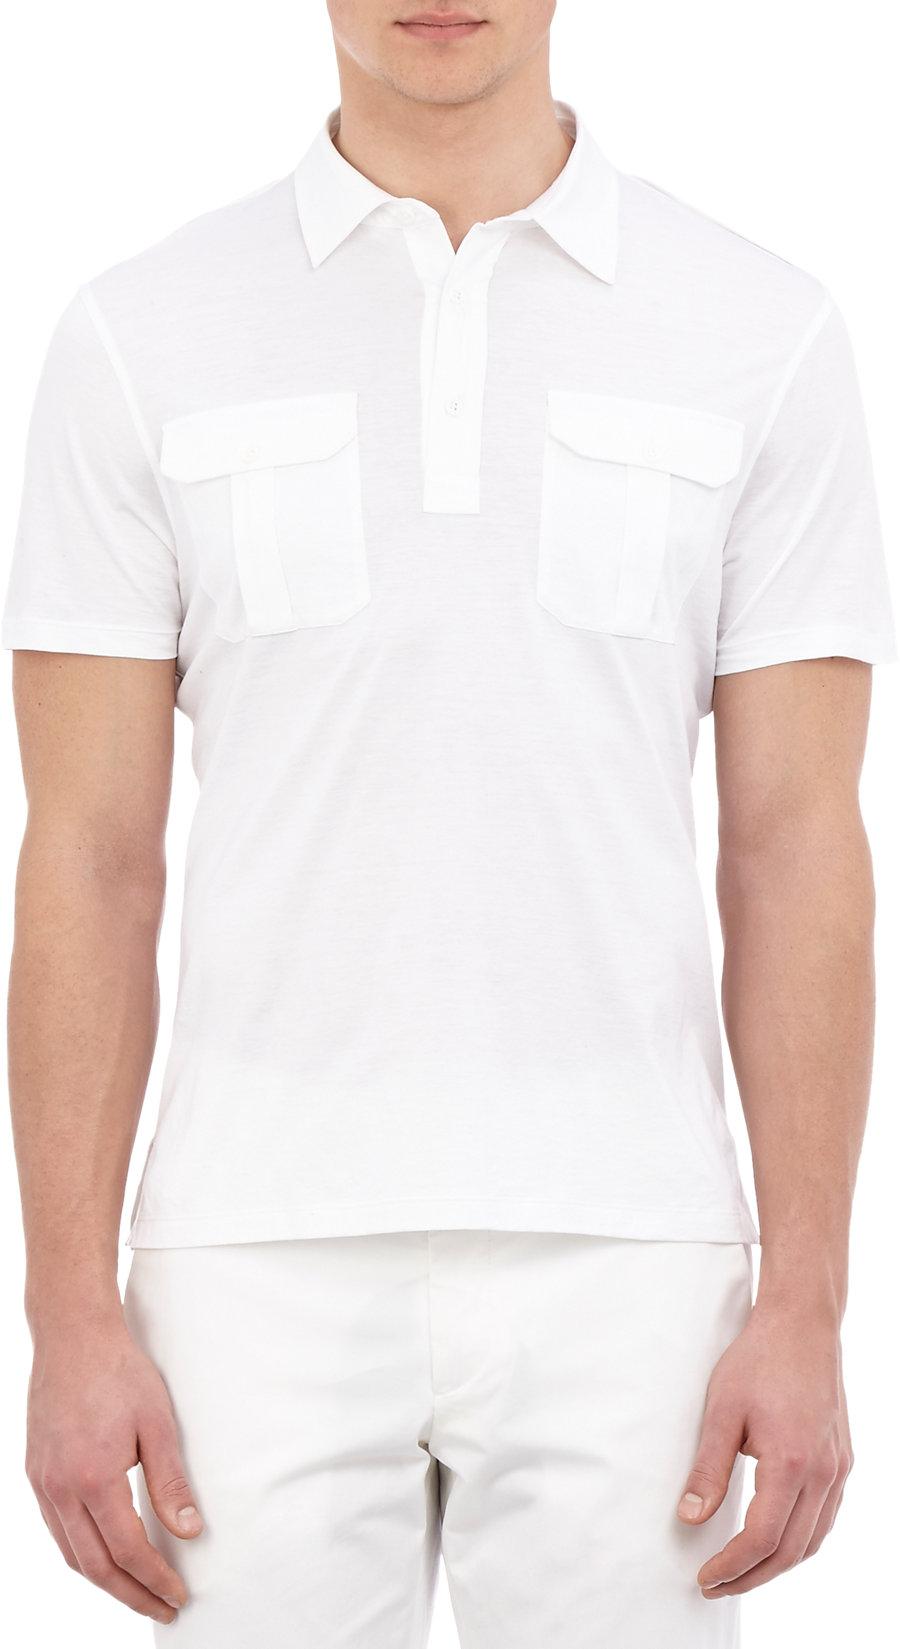 Ralph lauren black label epaulette polo shirt in white for for Ralph lauren black label polo shirt